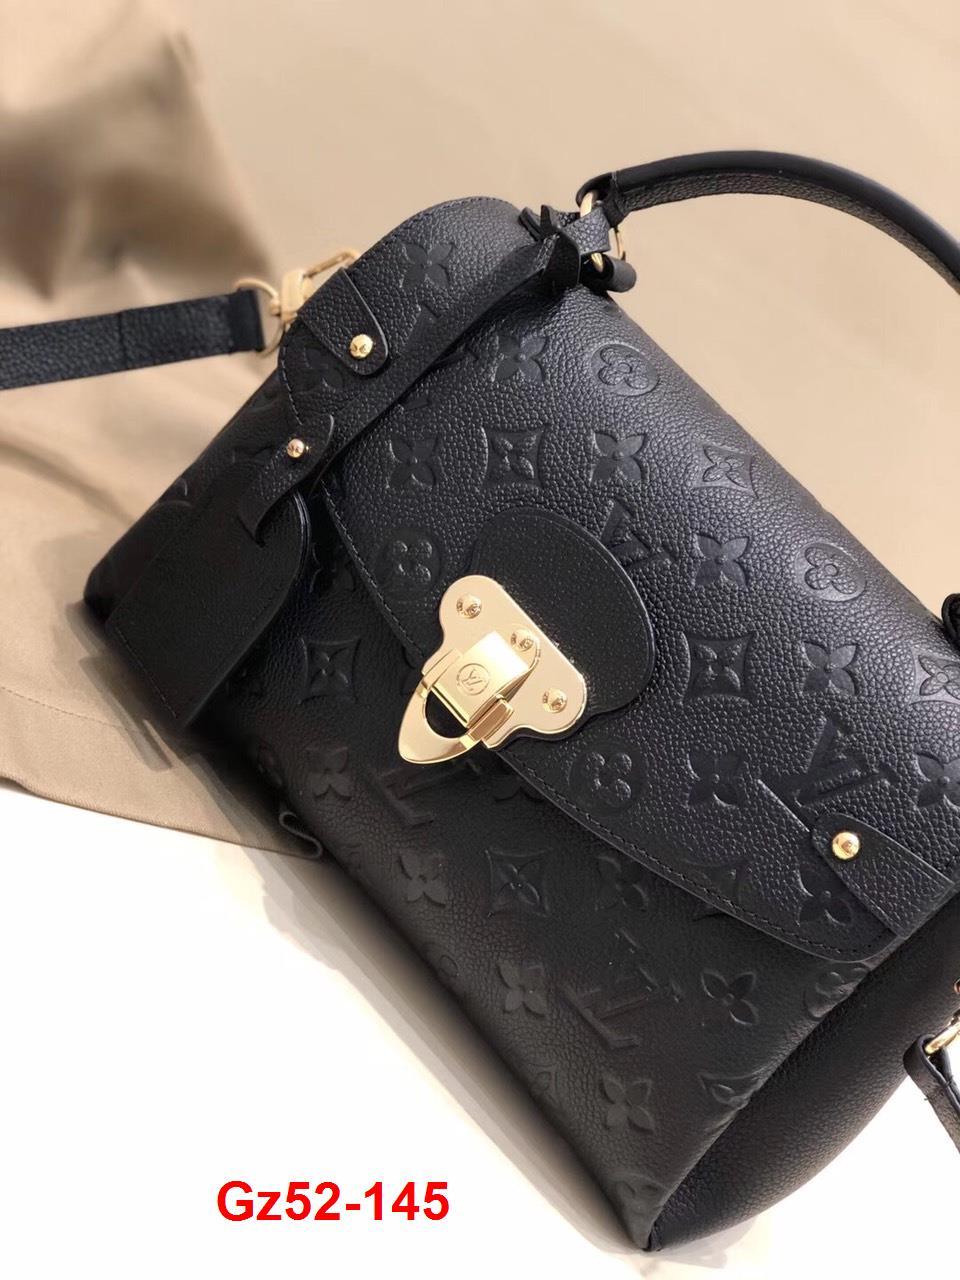 Gz52-145 Louis Vuitton túi size 28cm siêu cấp